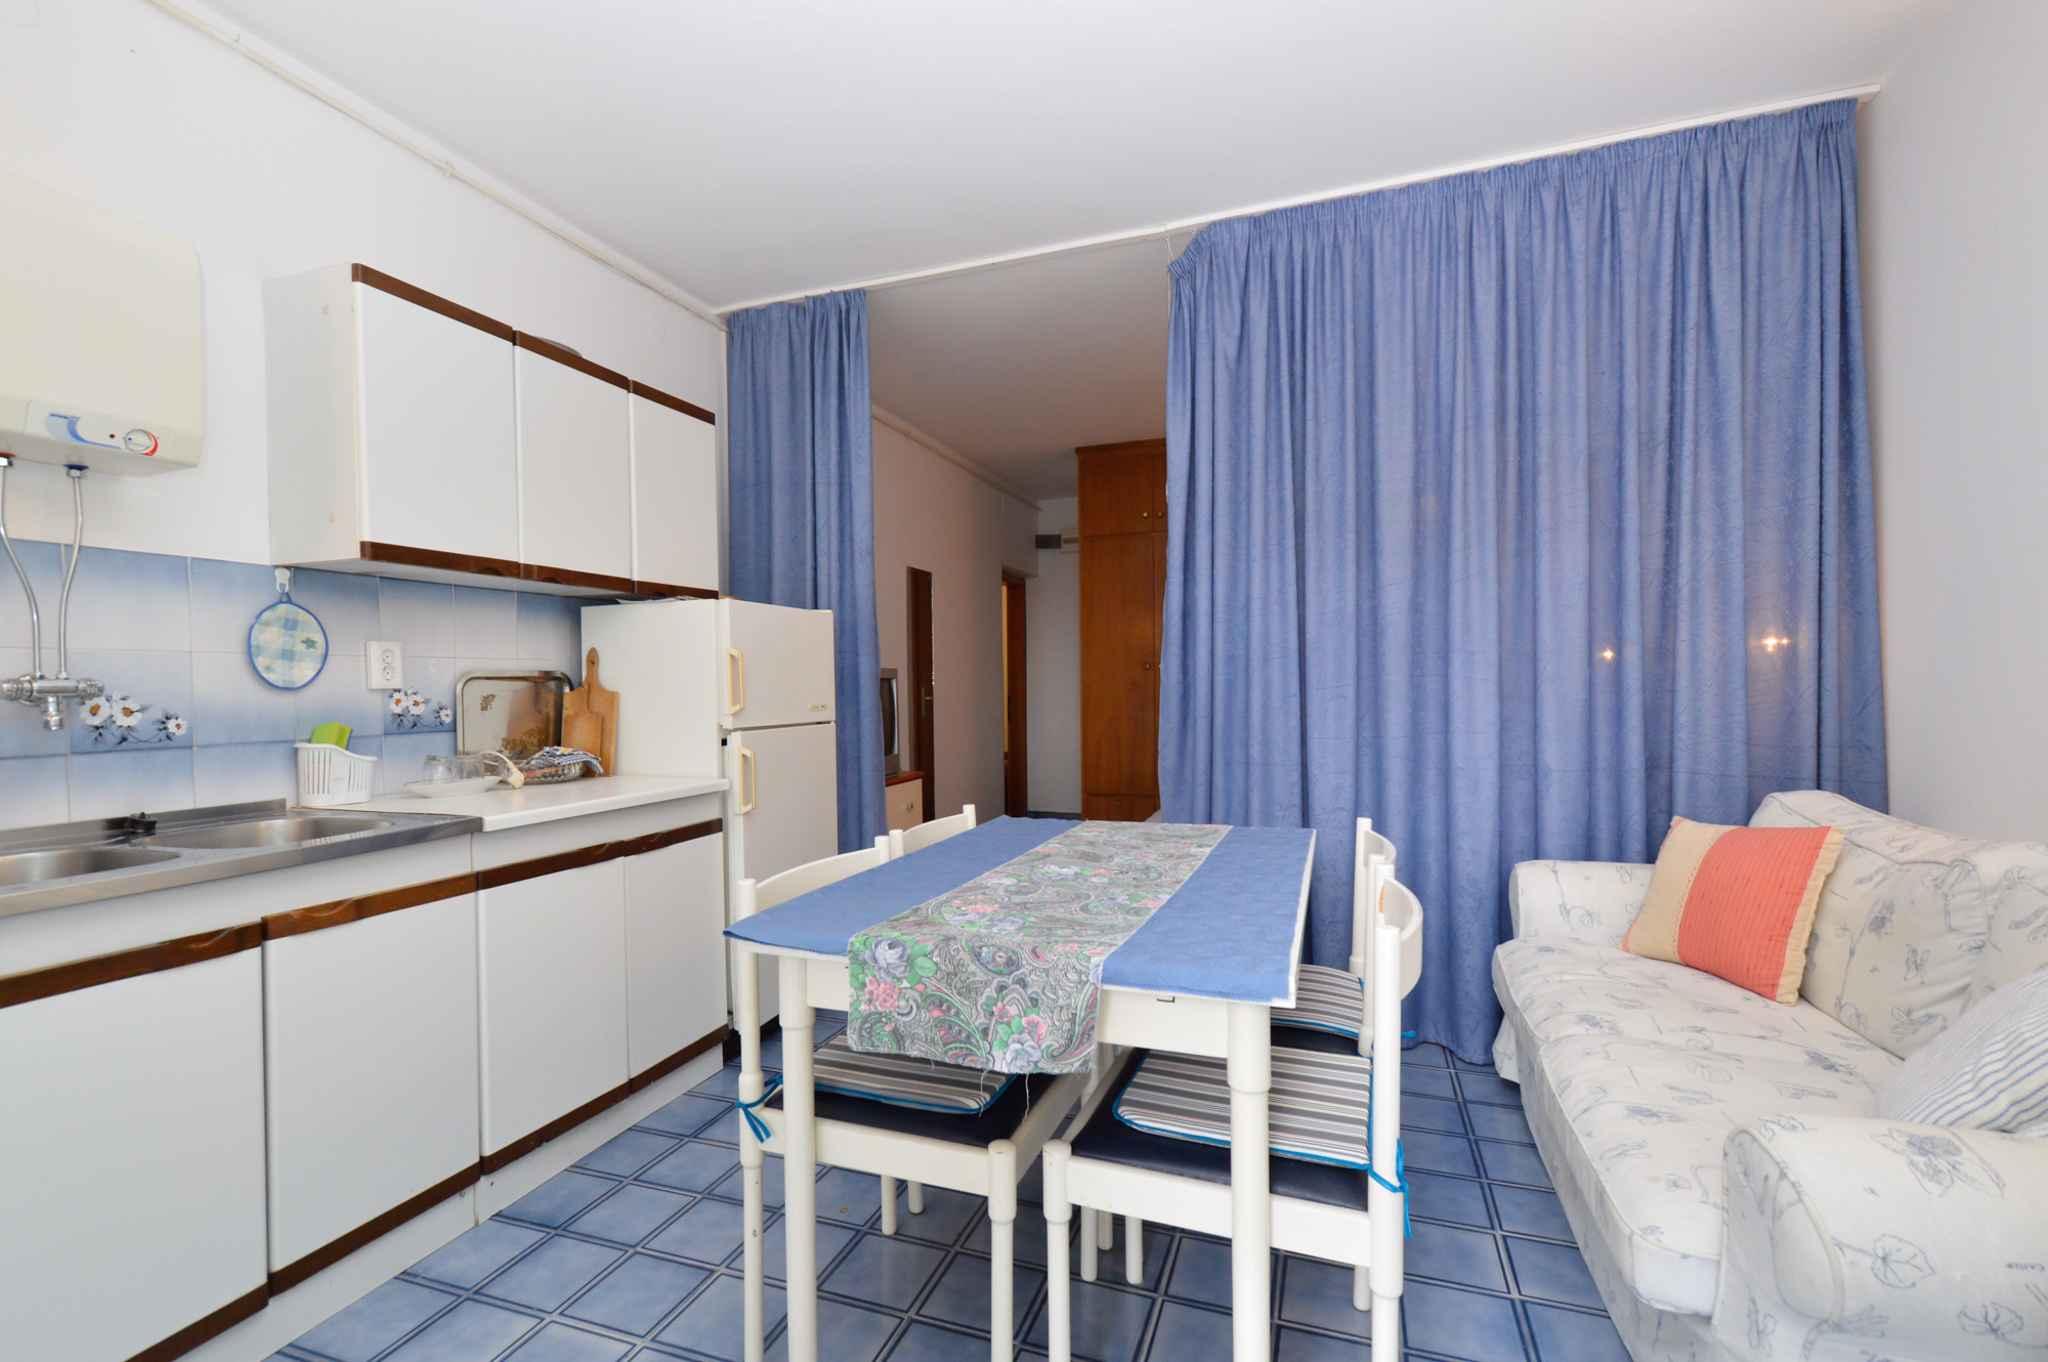 Ferienwohnung in ruhiger Lage (280677), Pula, , Istrien, Kroatien, Bild 3